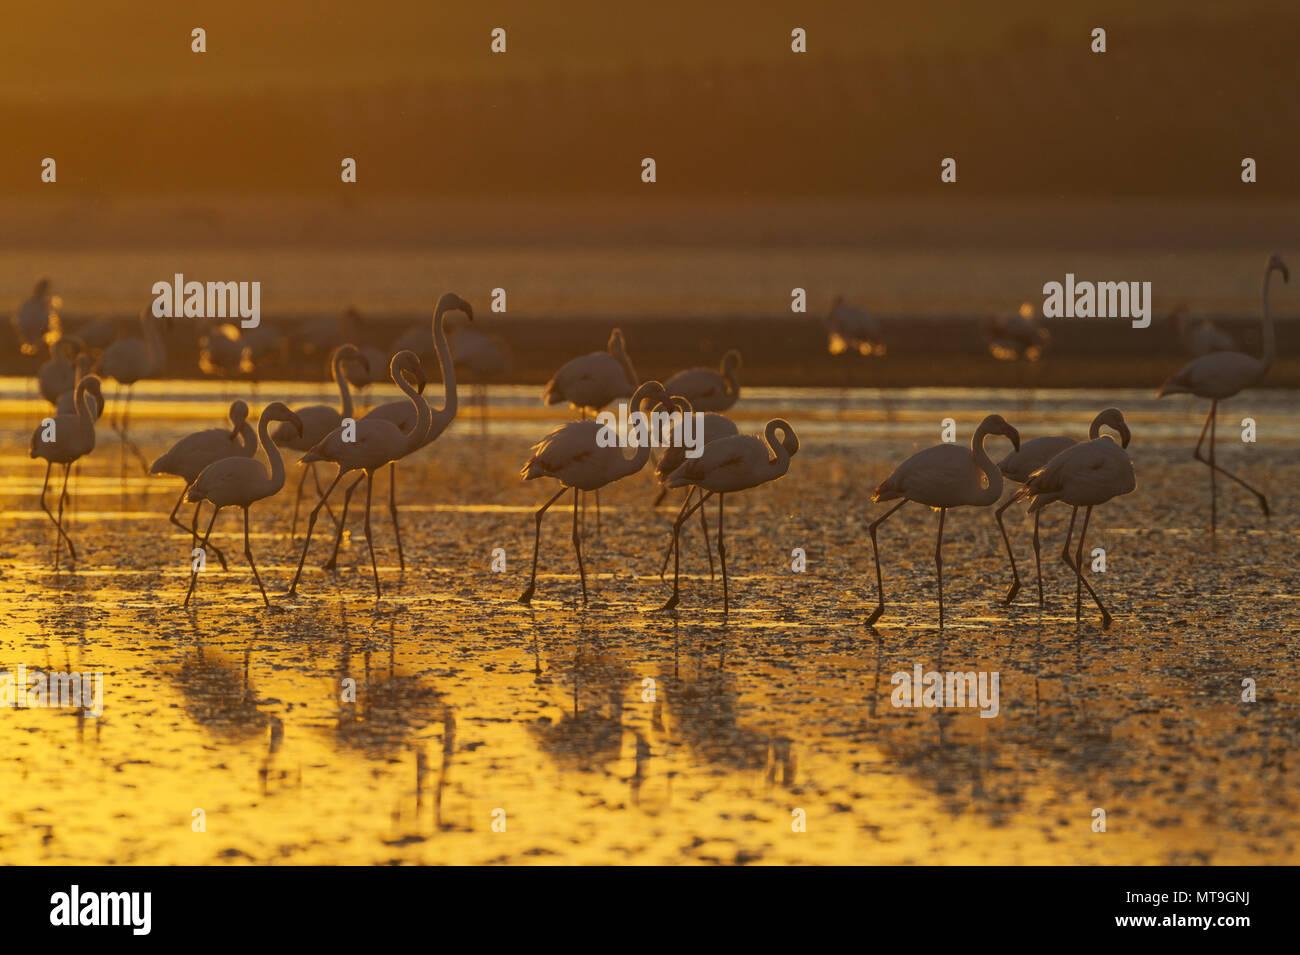 Flamant rose (Phoenicopterus roseus). Au coucher du soleil à la Laguna de Fuente de Piedra, près de la ville d'Antequera. C'est le plus grand lac naturel de l'Andalousie et l'Europe est qu'à l'intérieur des terres de reproduction pour cette espèce. La province de Malaga, Andalousie, espagne. Photo Stock